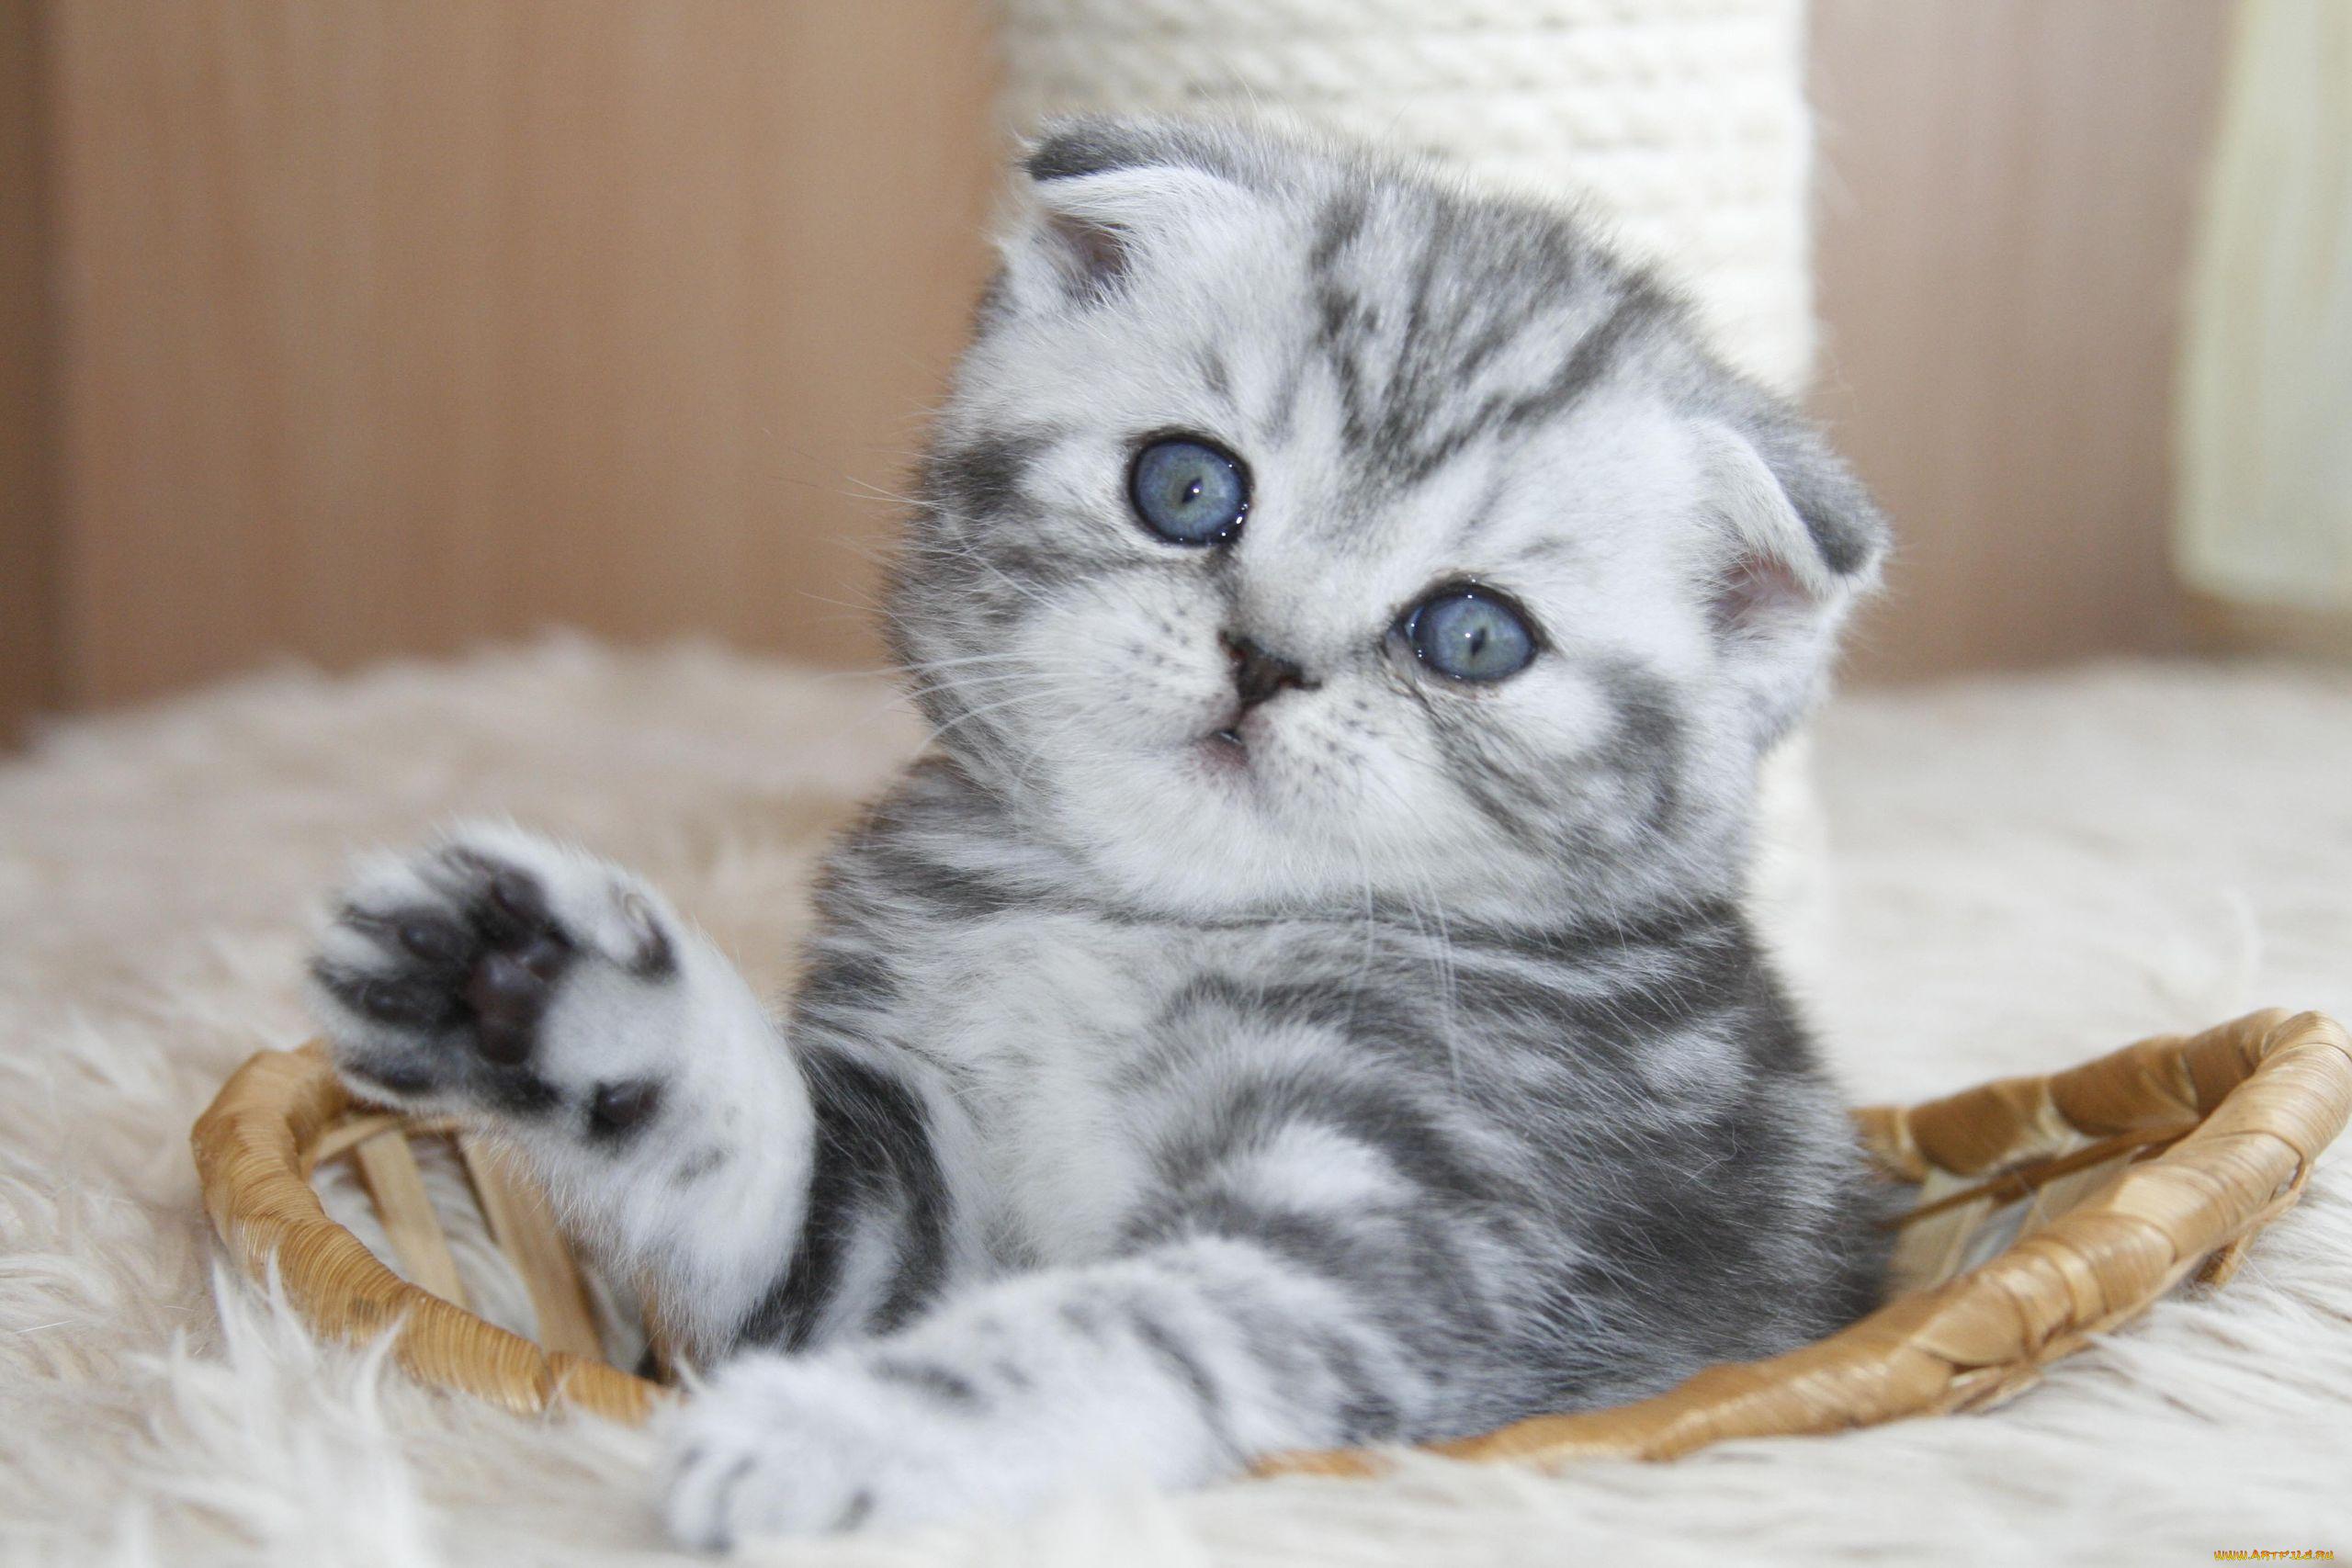 Обувью, картинки с котятами вислоухими